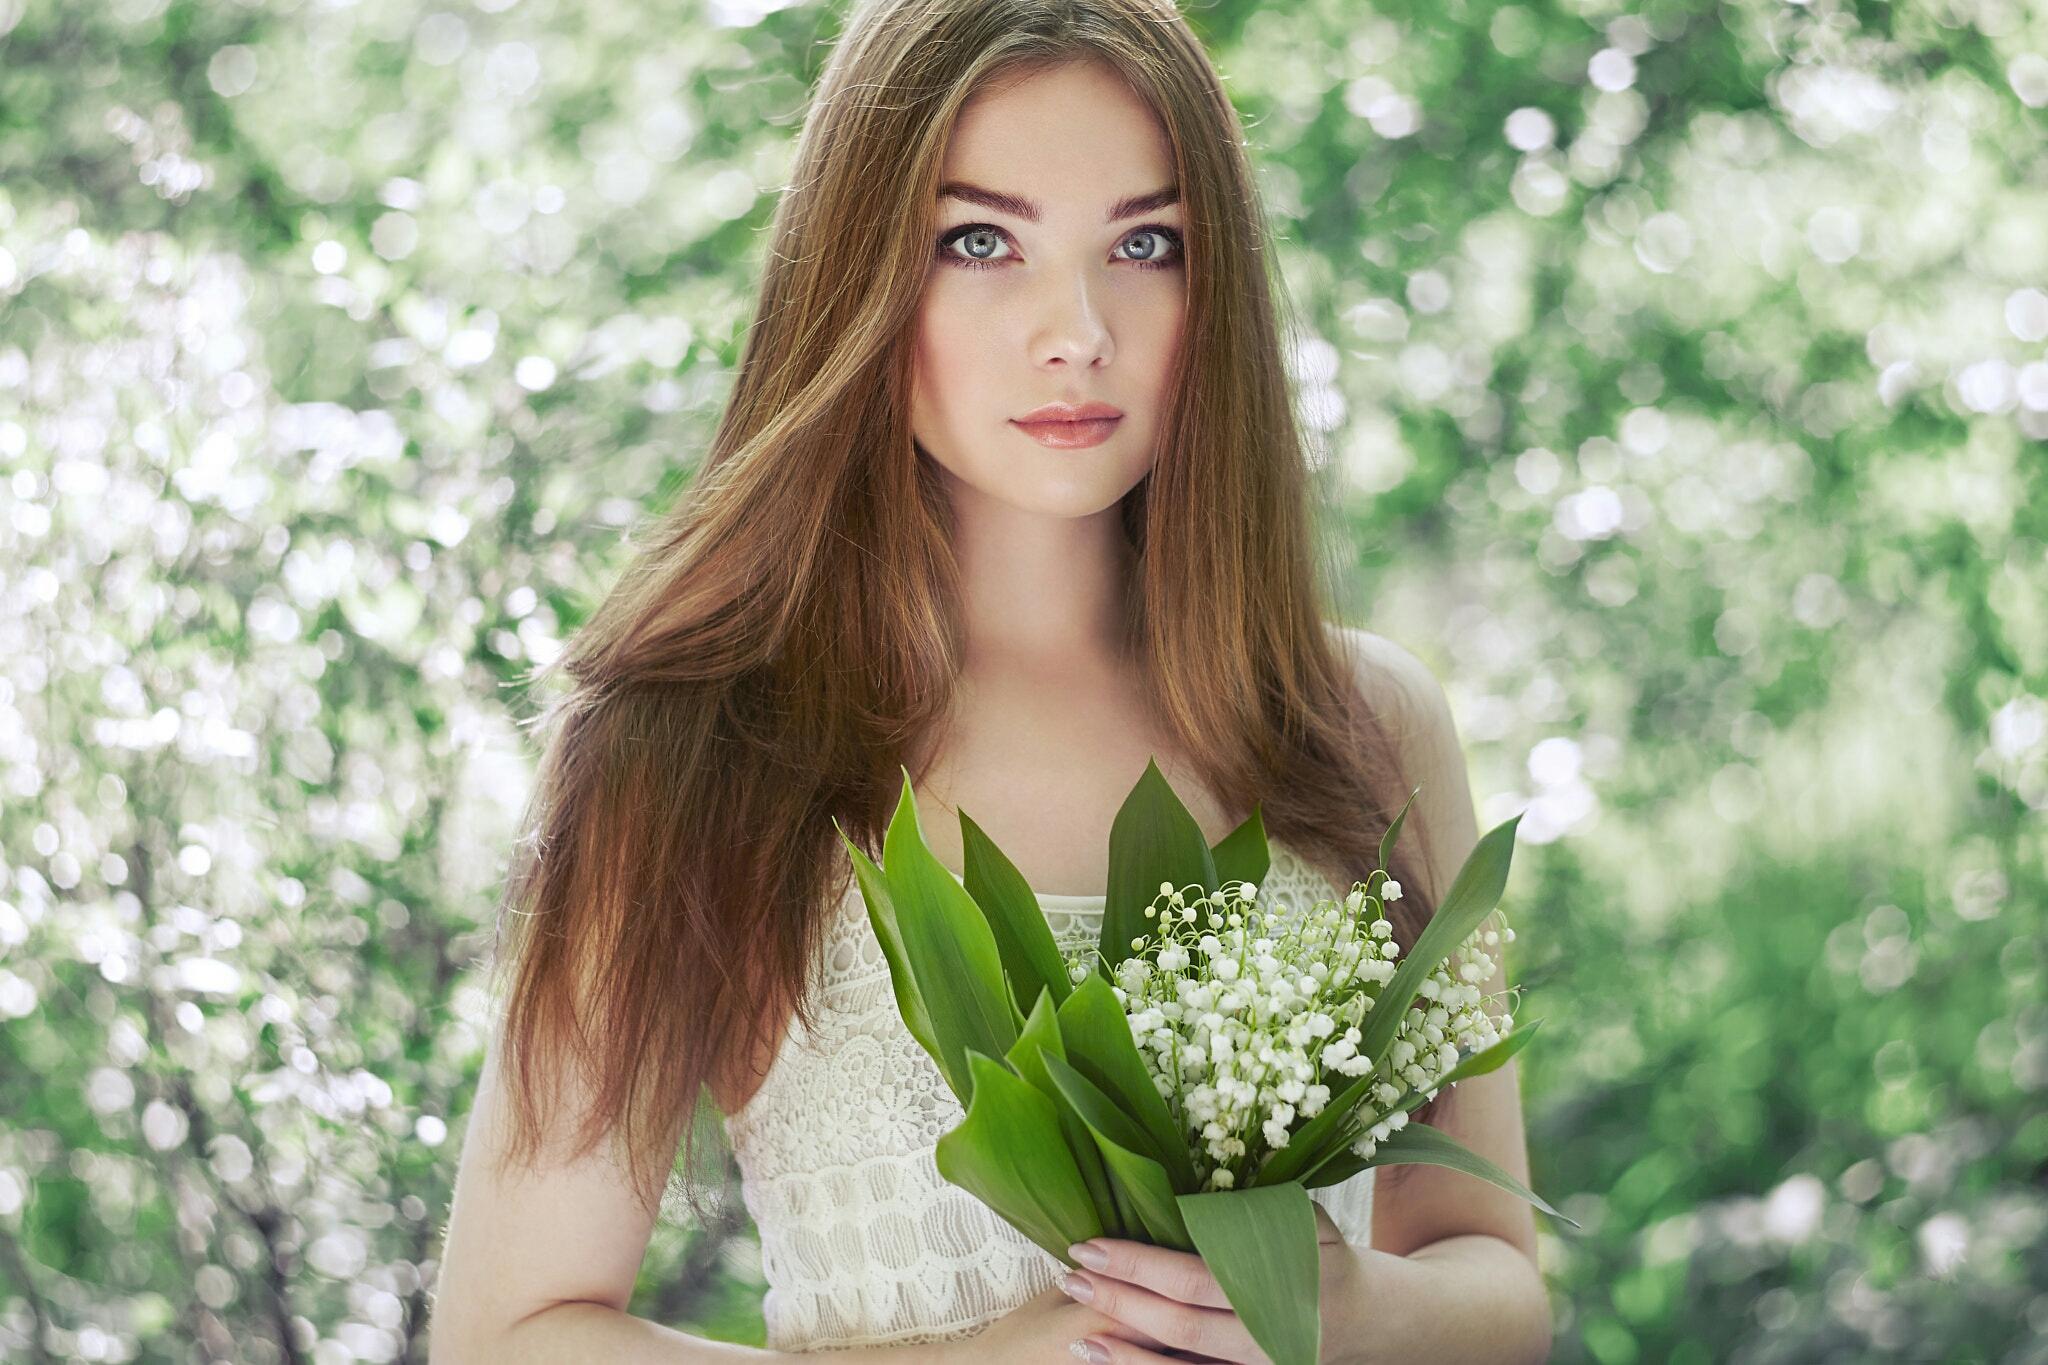 Звездочка, открытки с фото девушки